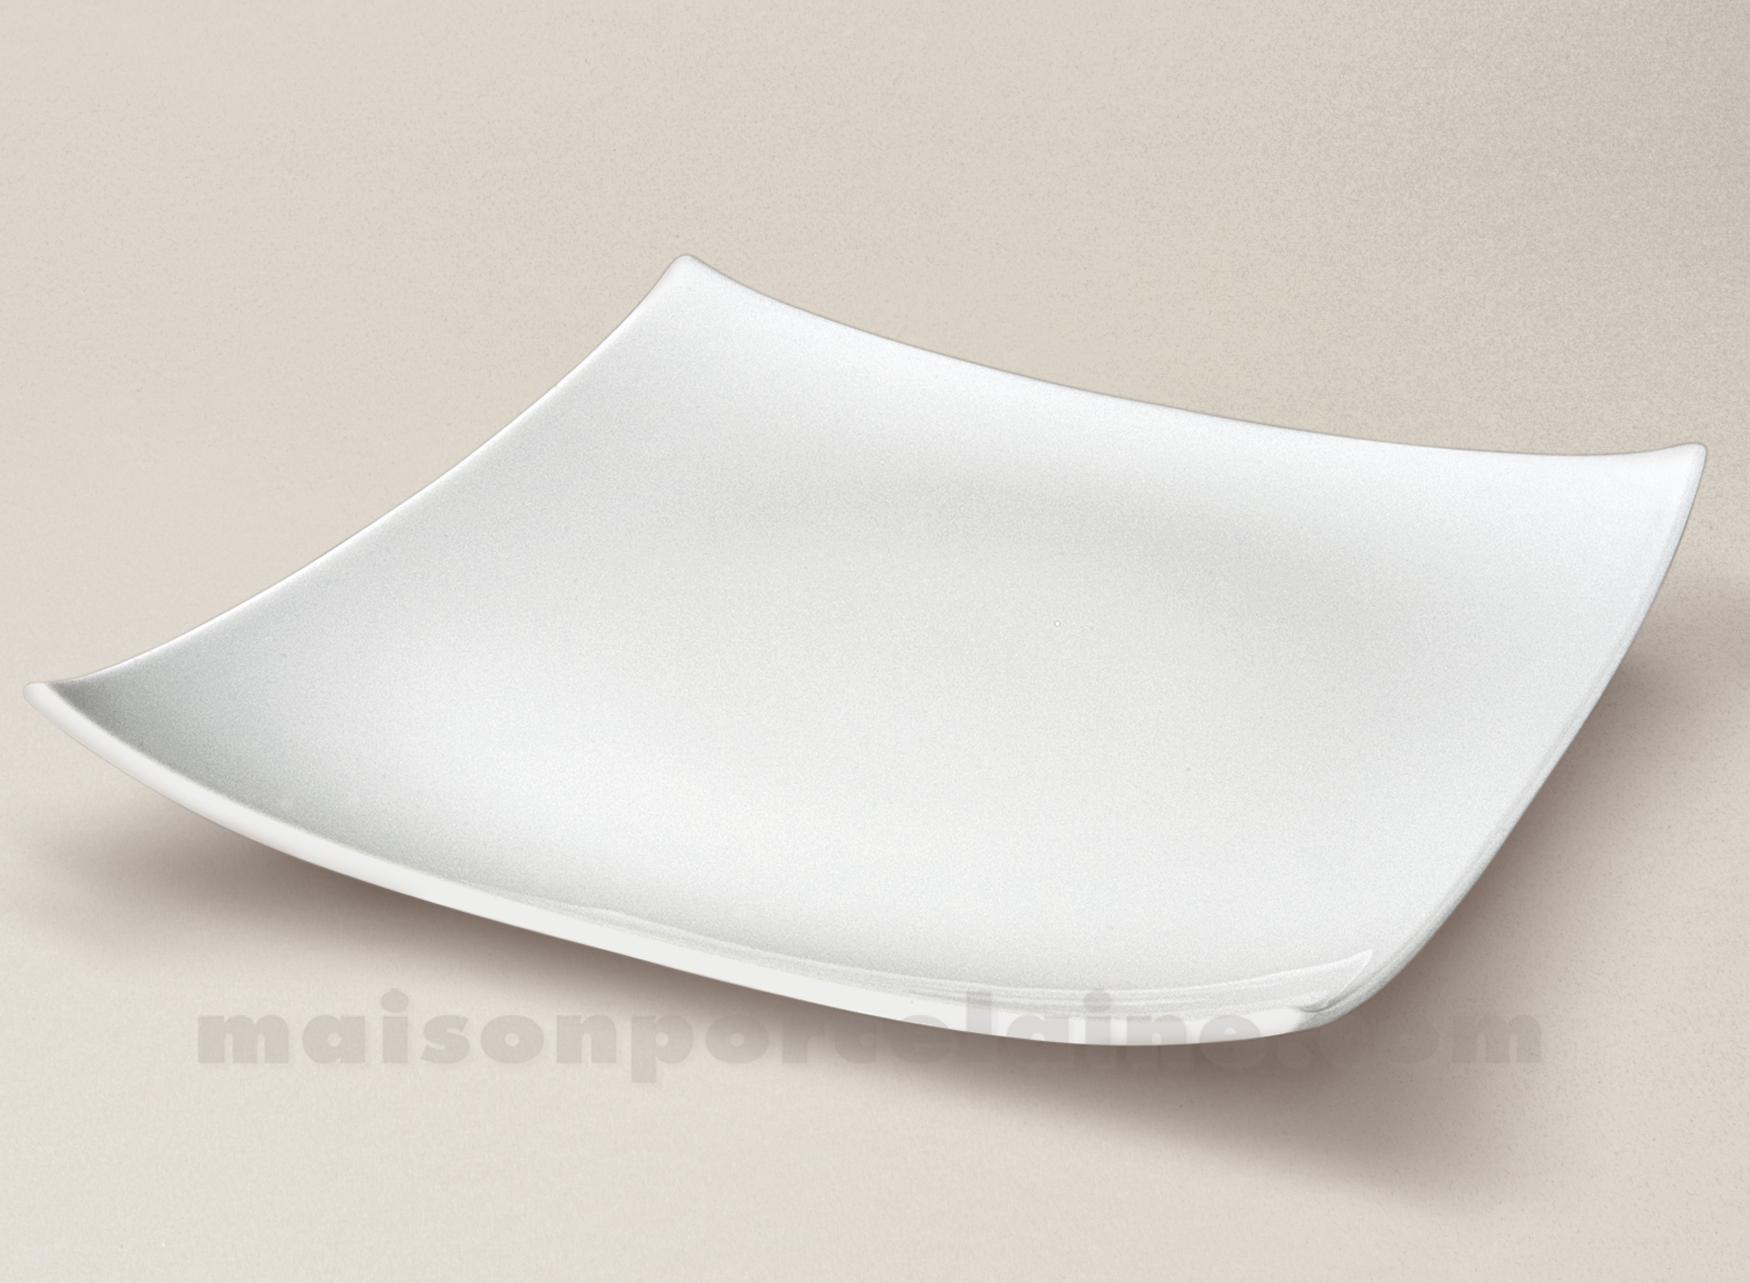 assiette plate limoges porcelaine blanche oxygene l27. Black Bedroom Furniture Sets. Home Design Ideas